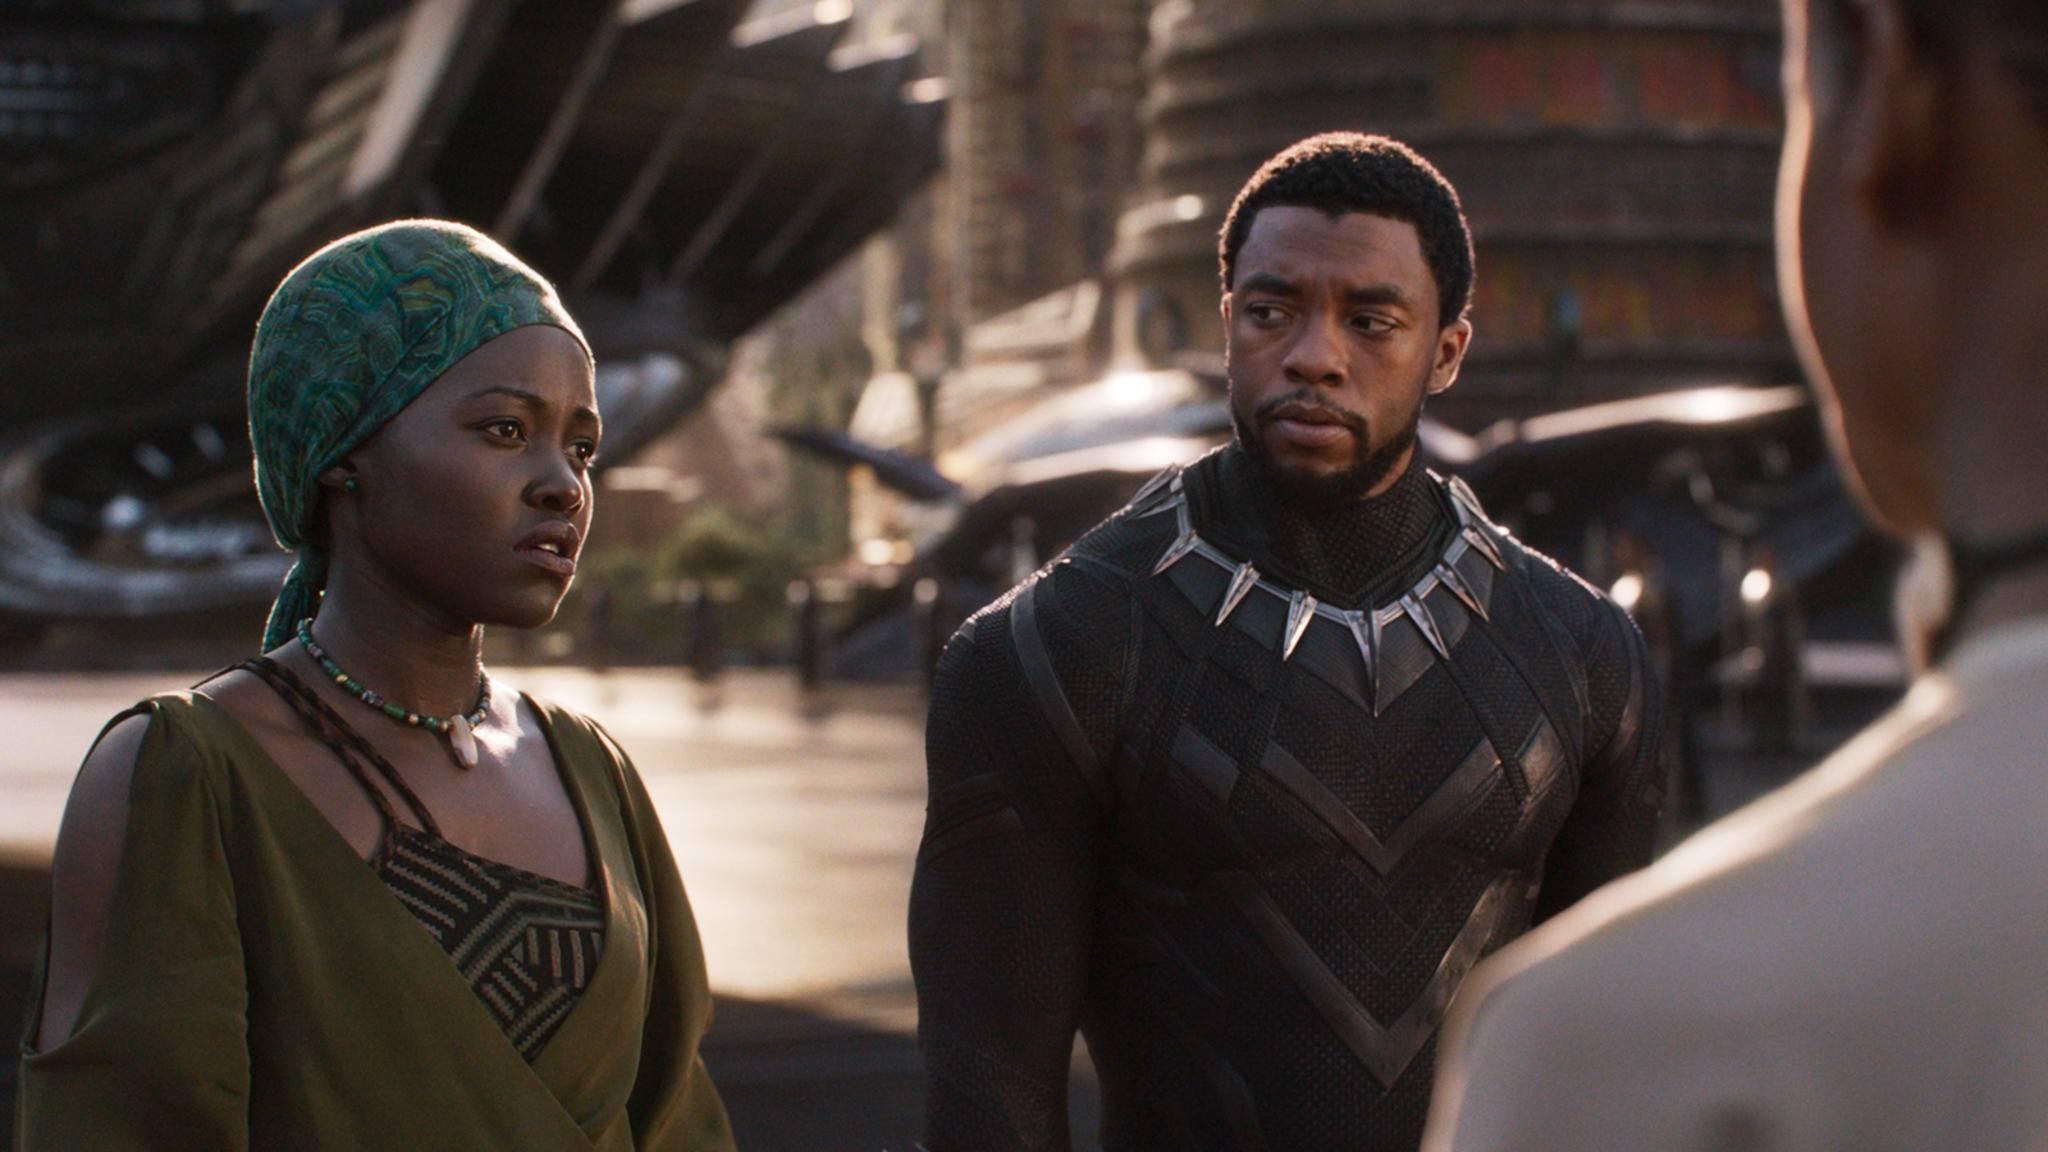 Die Kostüme von Black Panther und anderen Helden haben oftmals eine verborgene Bedeutung.